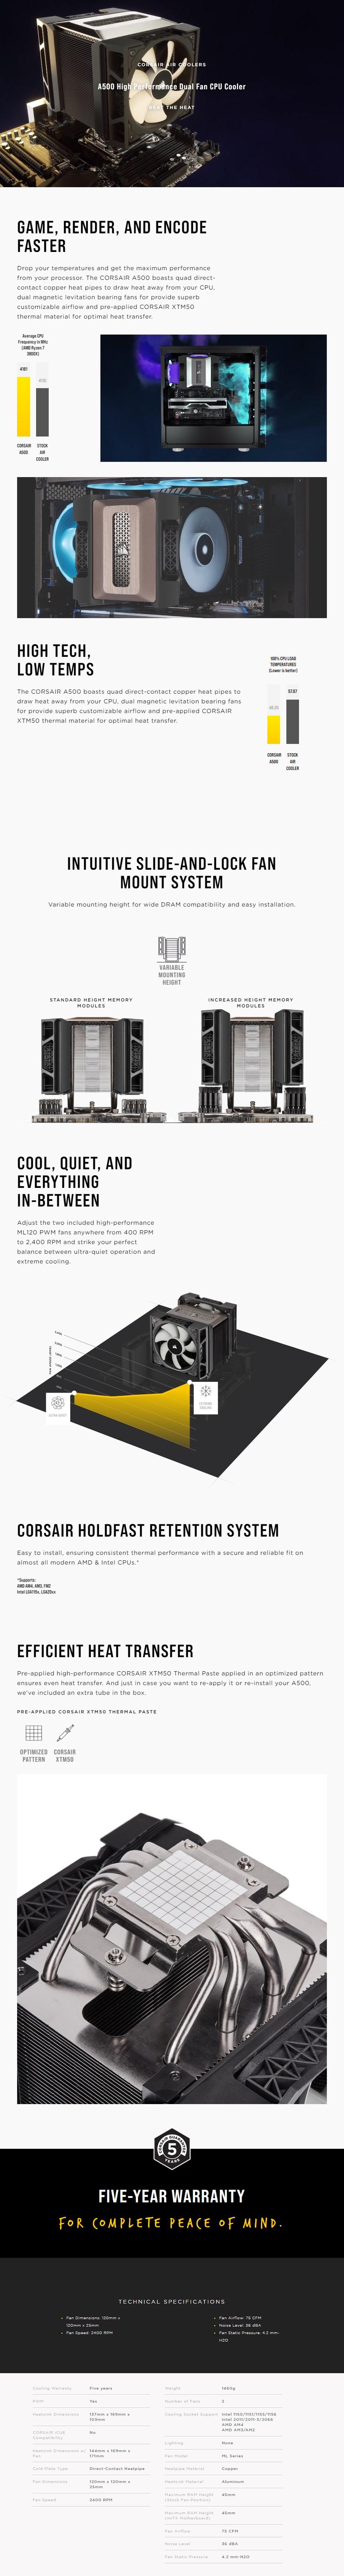 Corsair A500 Dual Fan CPU Cooler - Overview 1